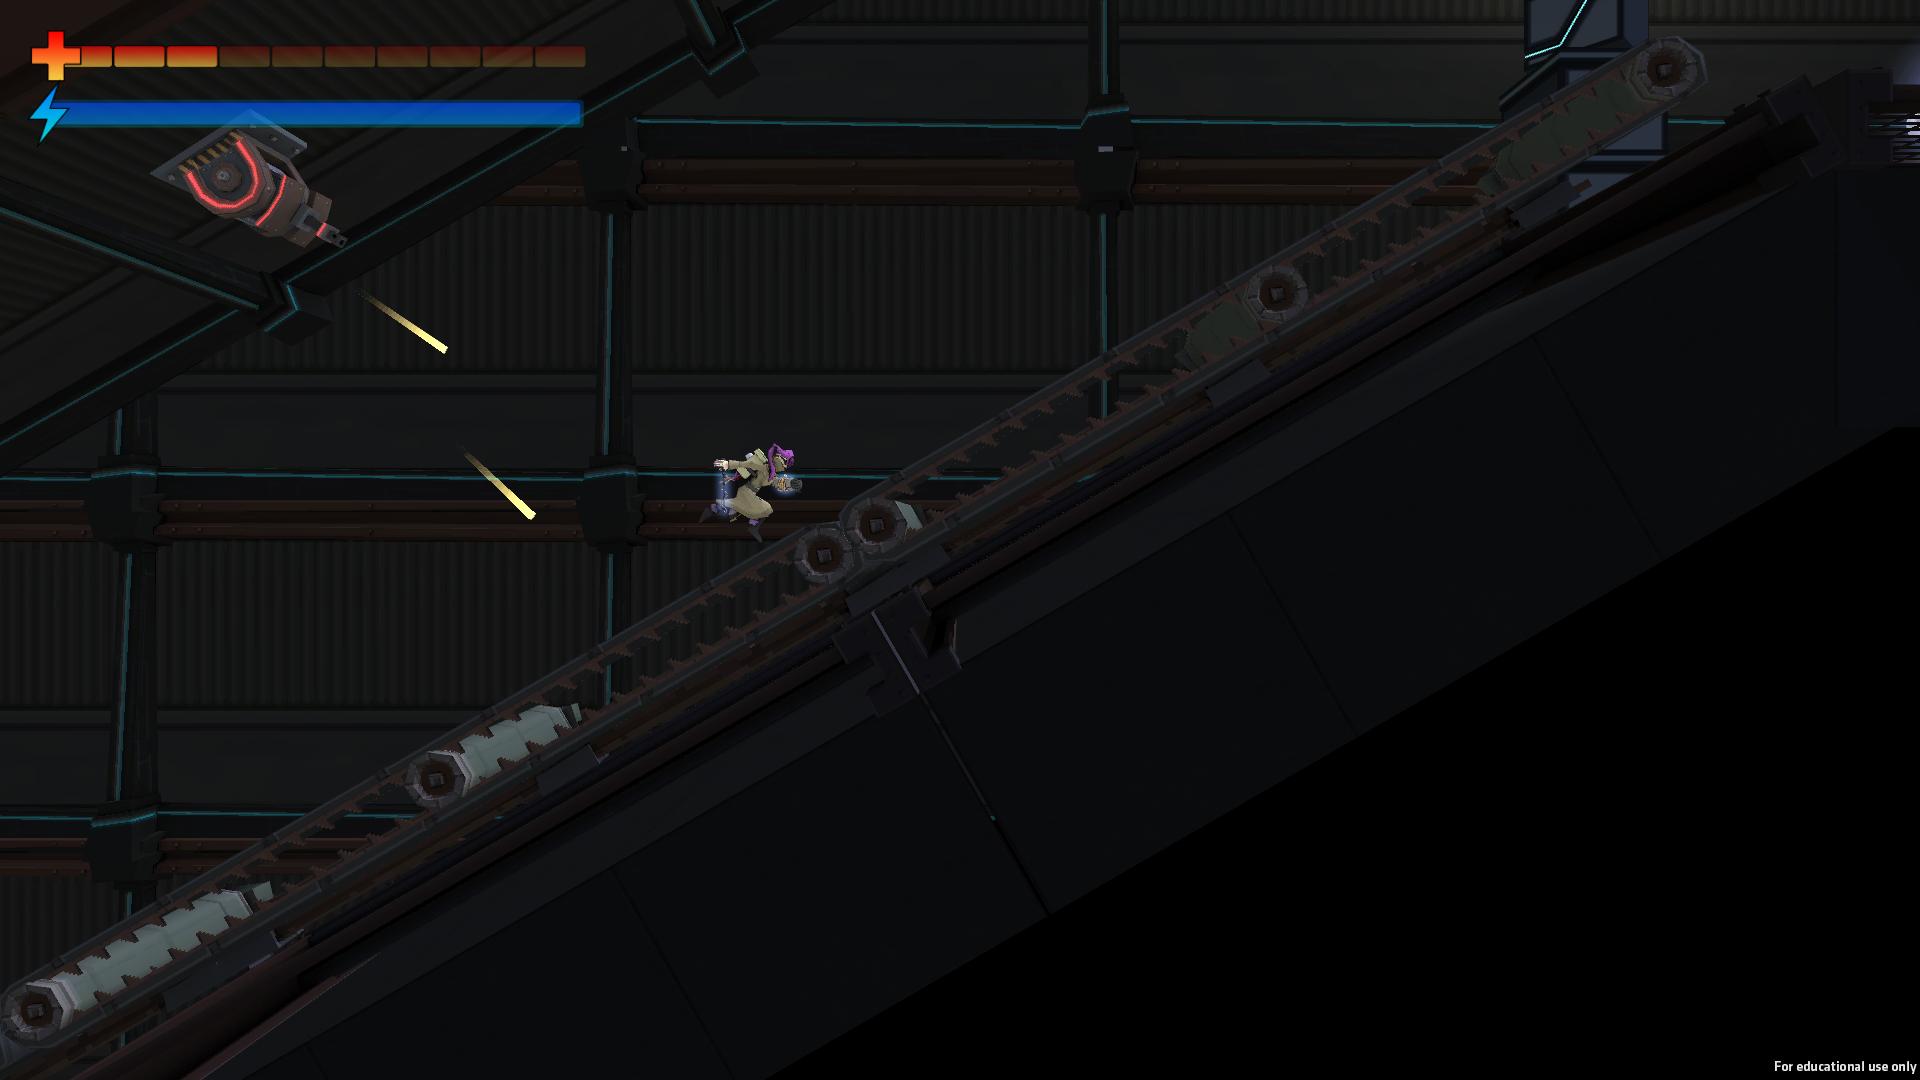 Running up a conveyor belt, dodging bullets